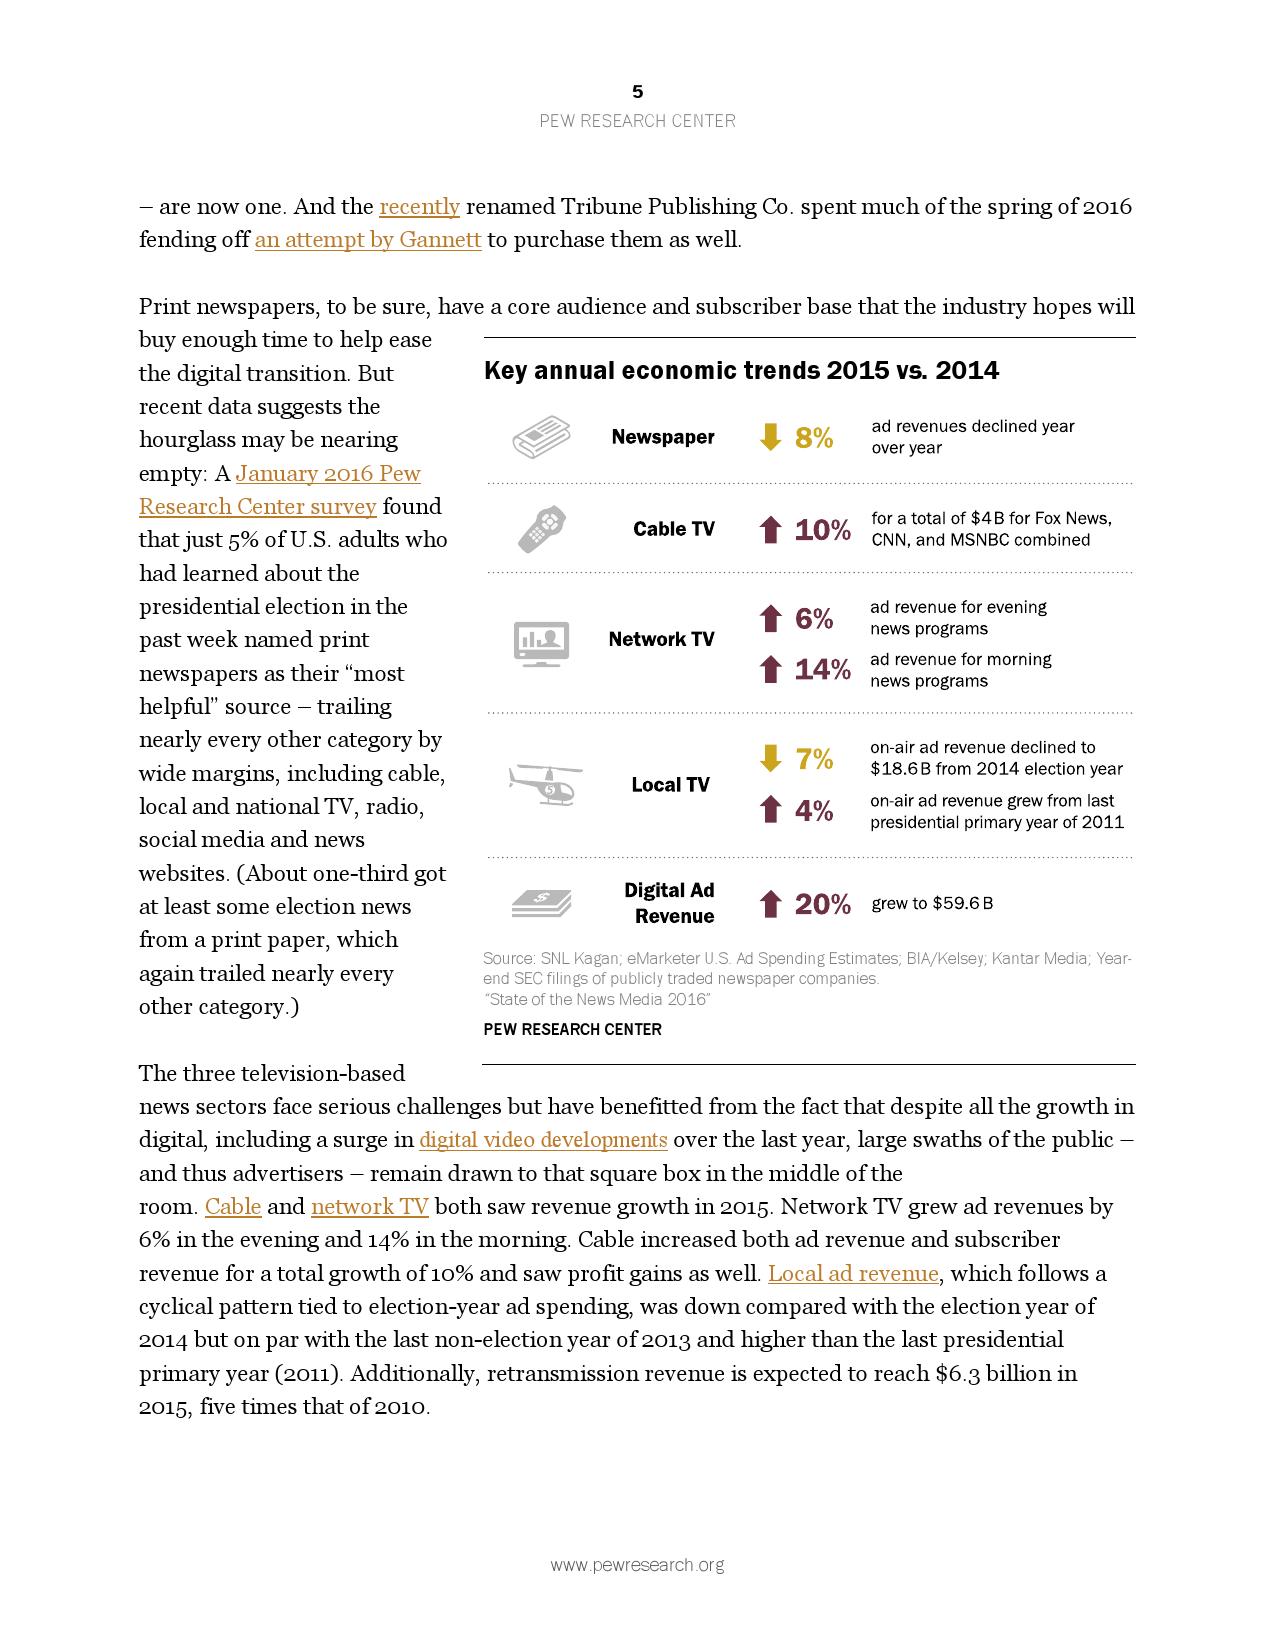 2016美国新媒体研究报告_000005